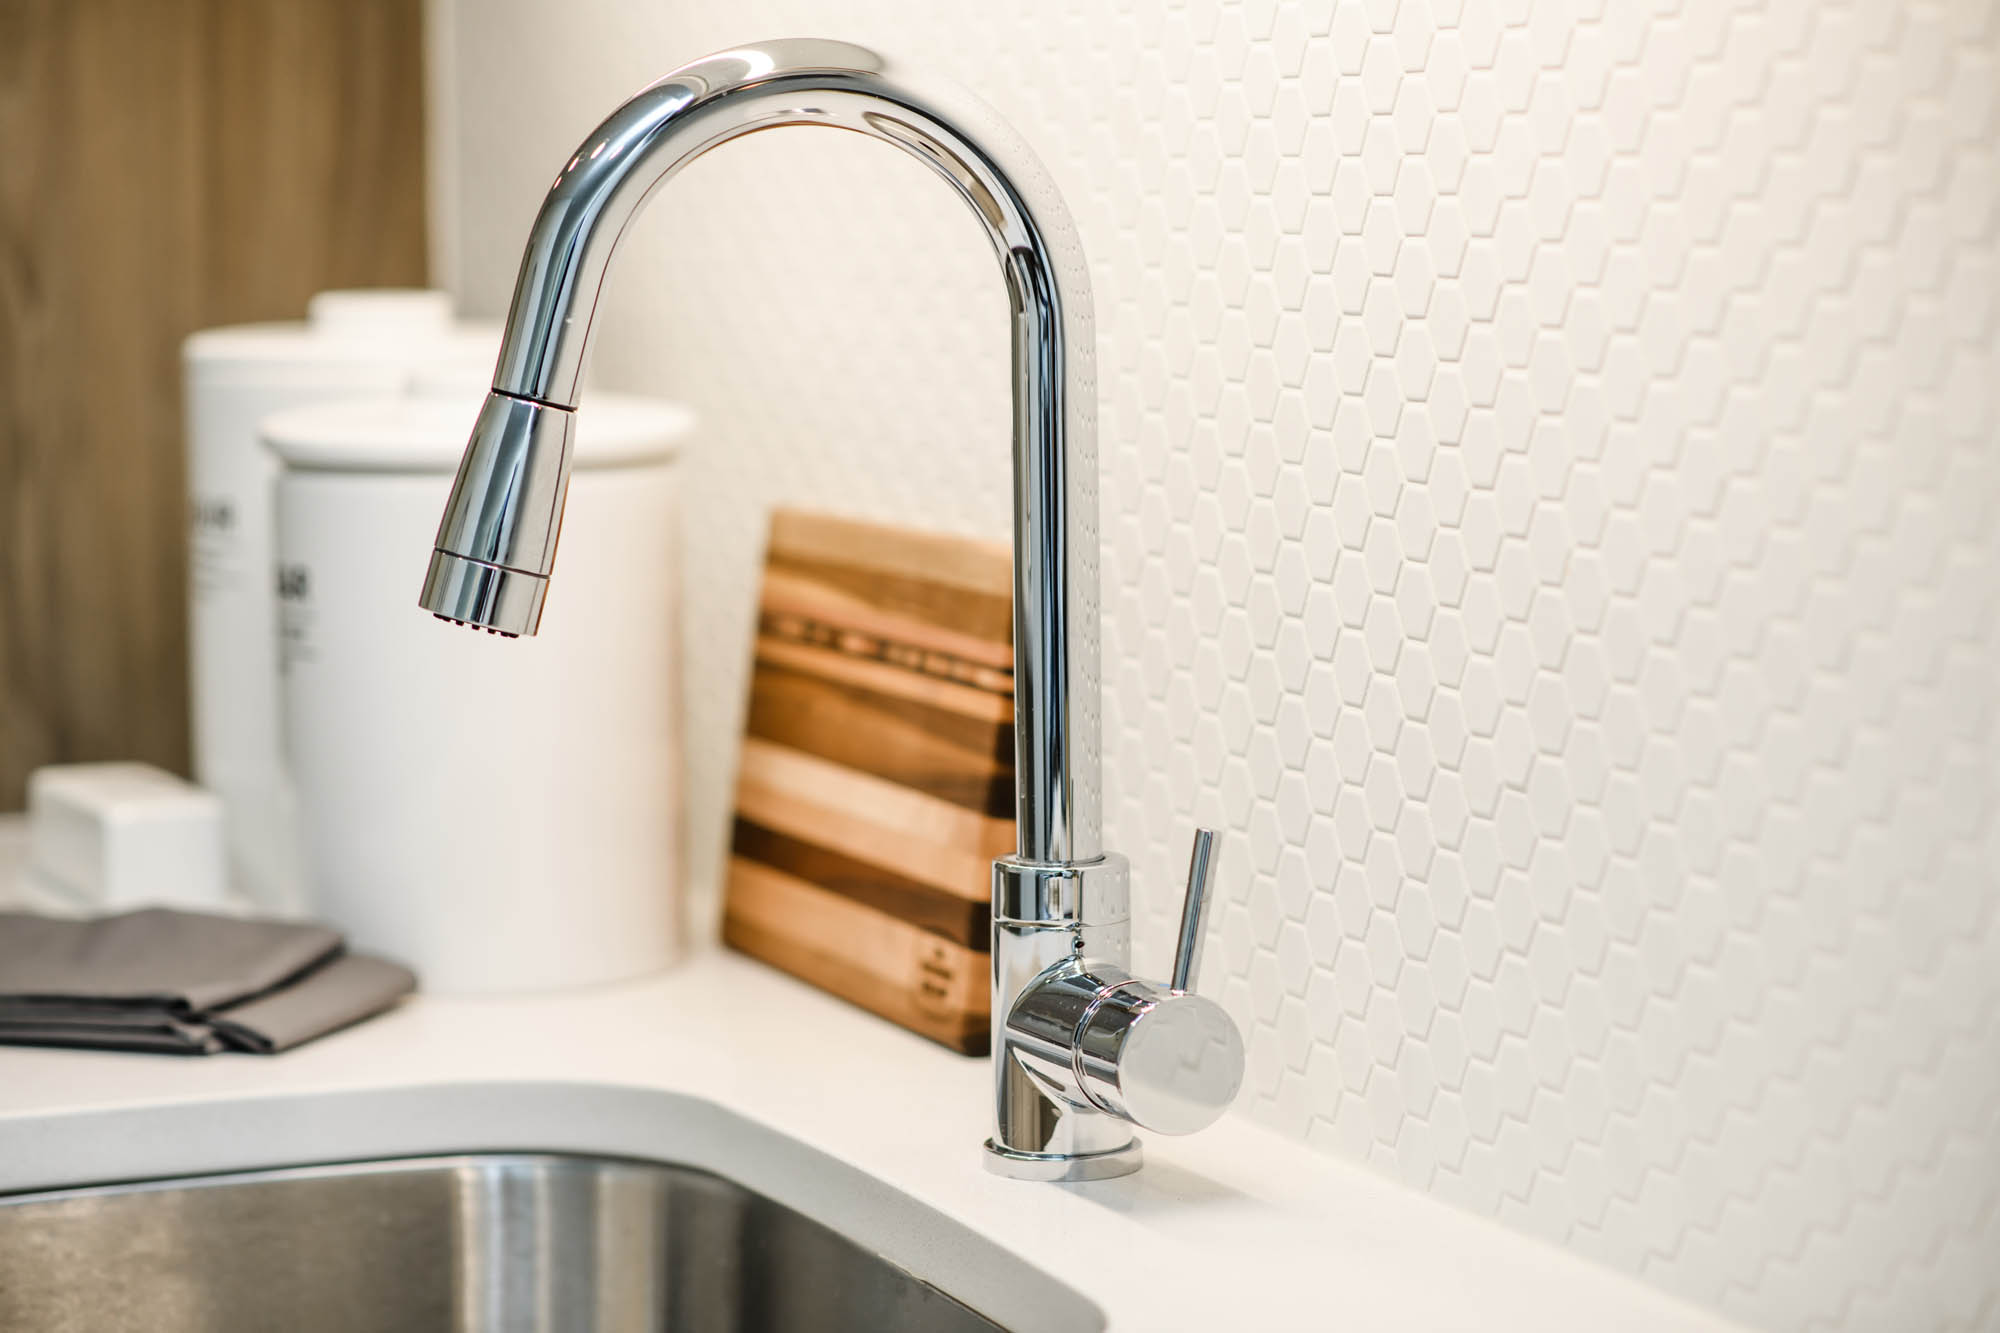 Modern backsplash and faucet